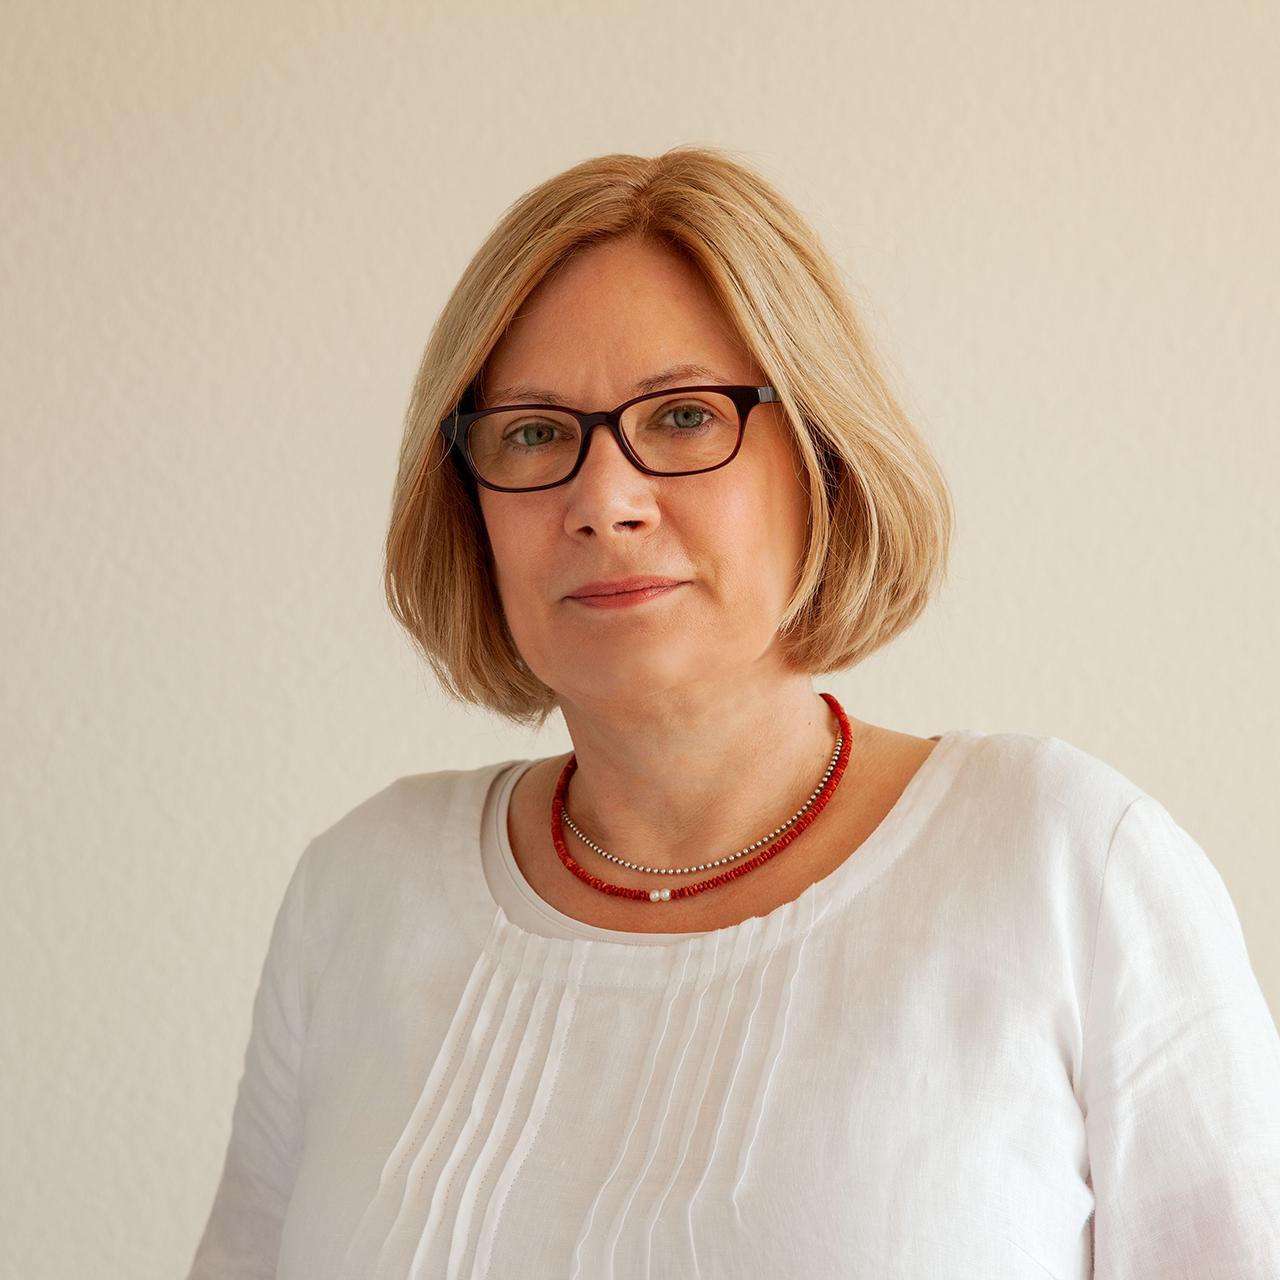 Eva Liedke